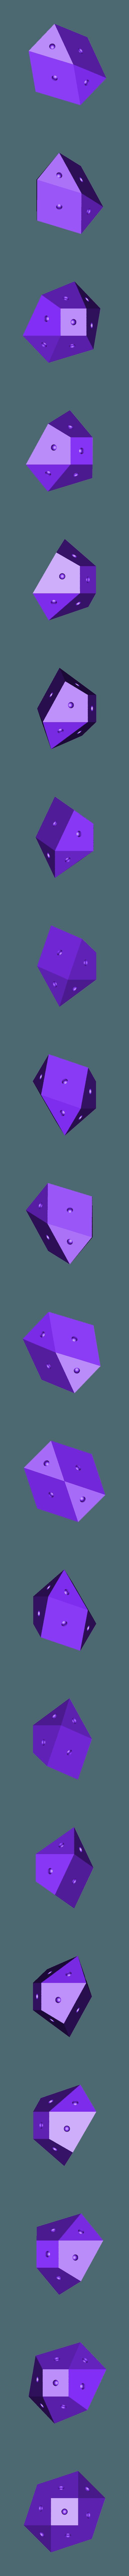 Bisymmetric_Hendecahedron_3mm_v1-1.STL Télécharger fichier STL gratuit Hendécaèdres Bisymétriques Magnétiques Bisymétriques • Objet pour impression 3D, WalterHsiao